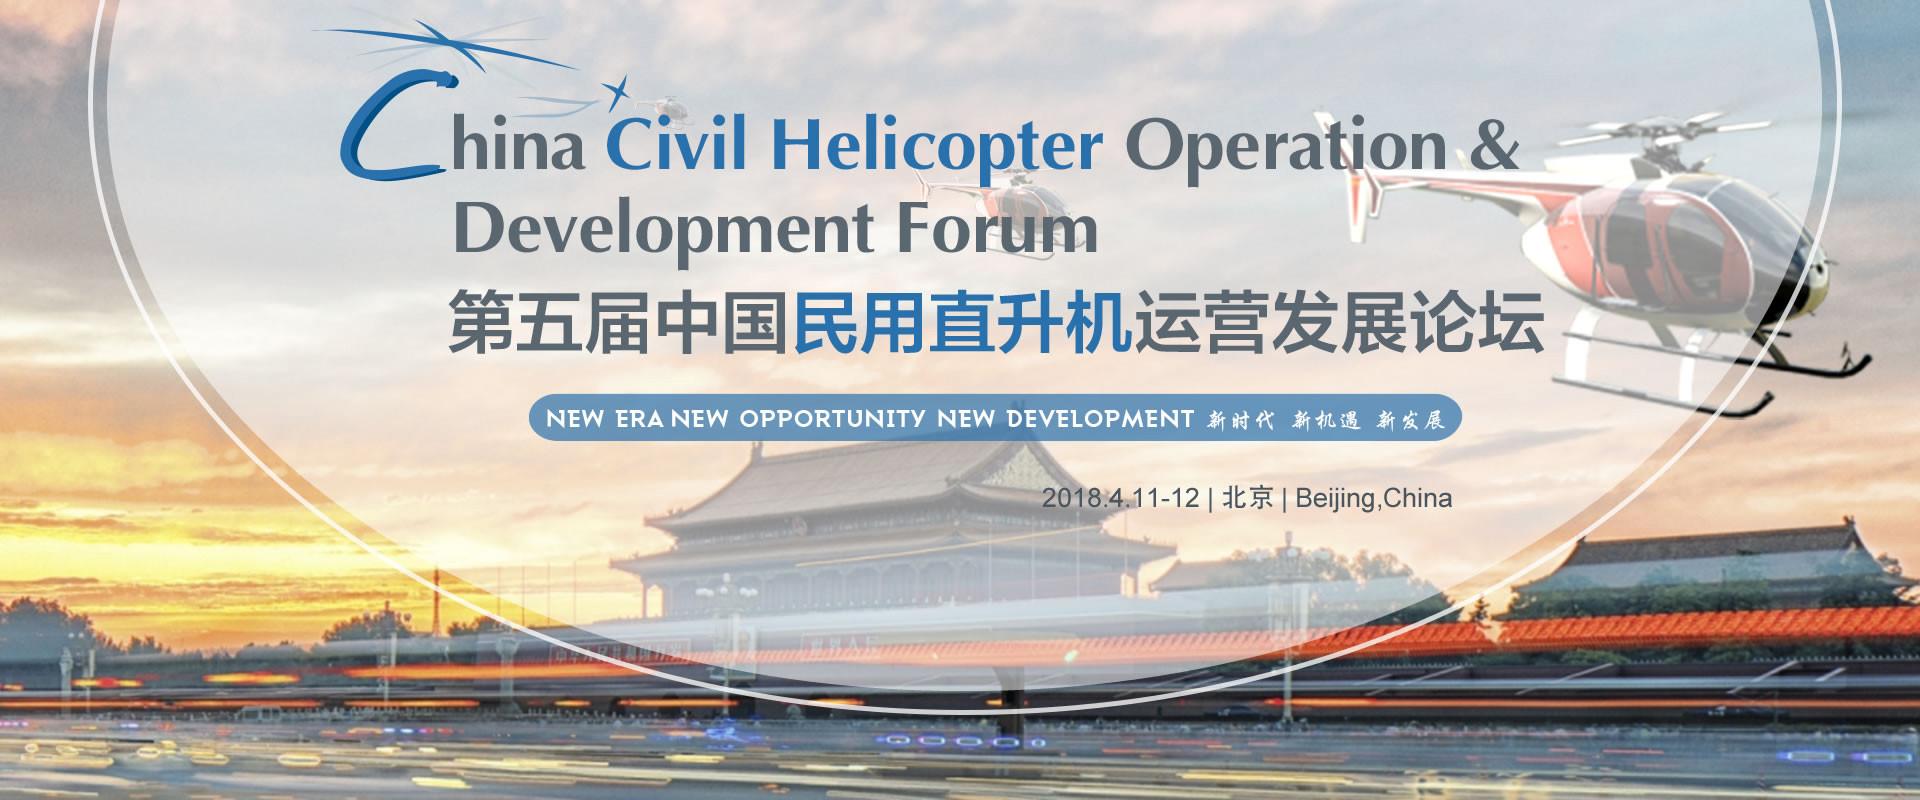 2018第五届中国民用直升机运营发展论坛